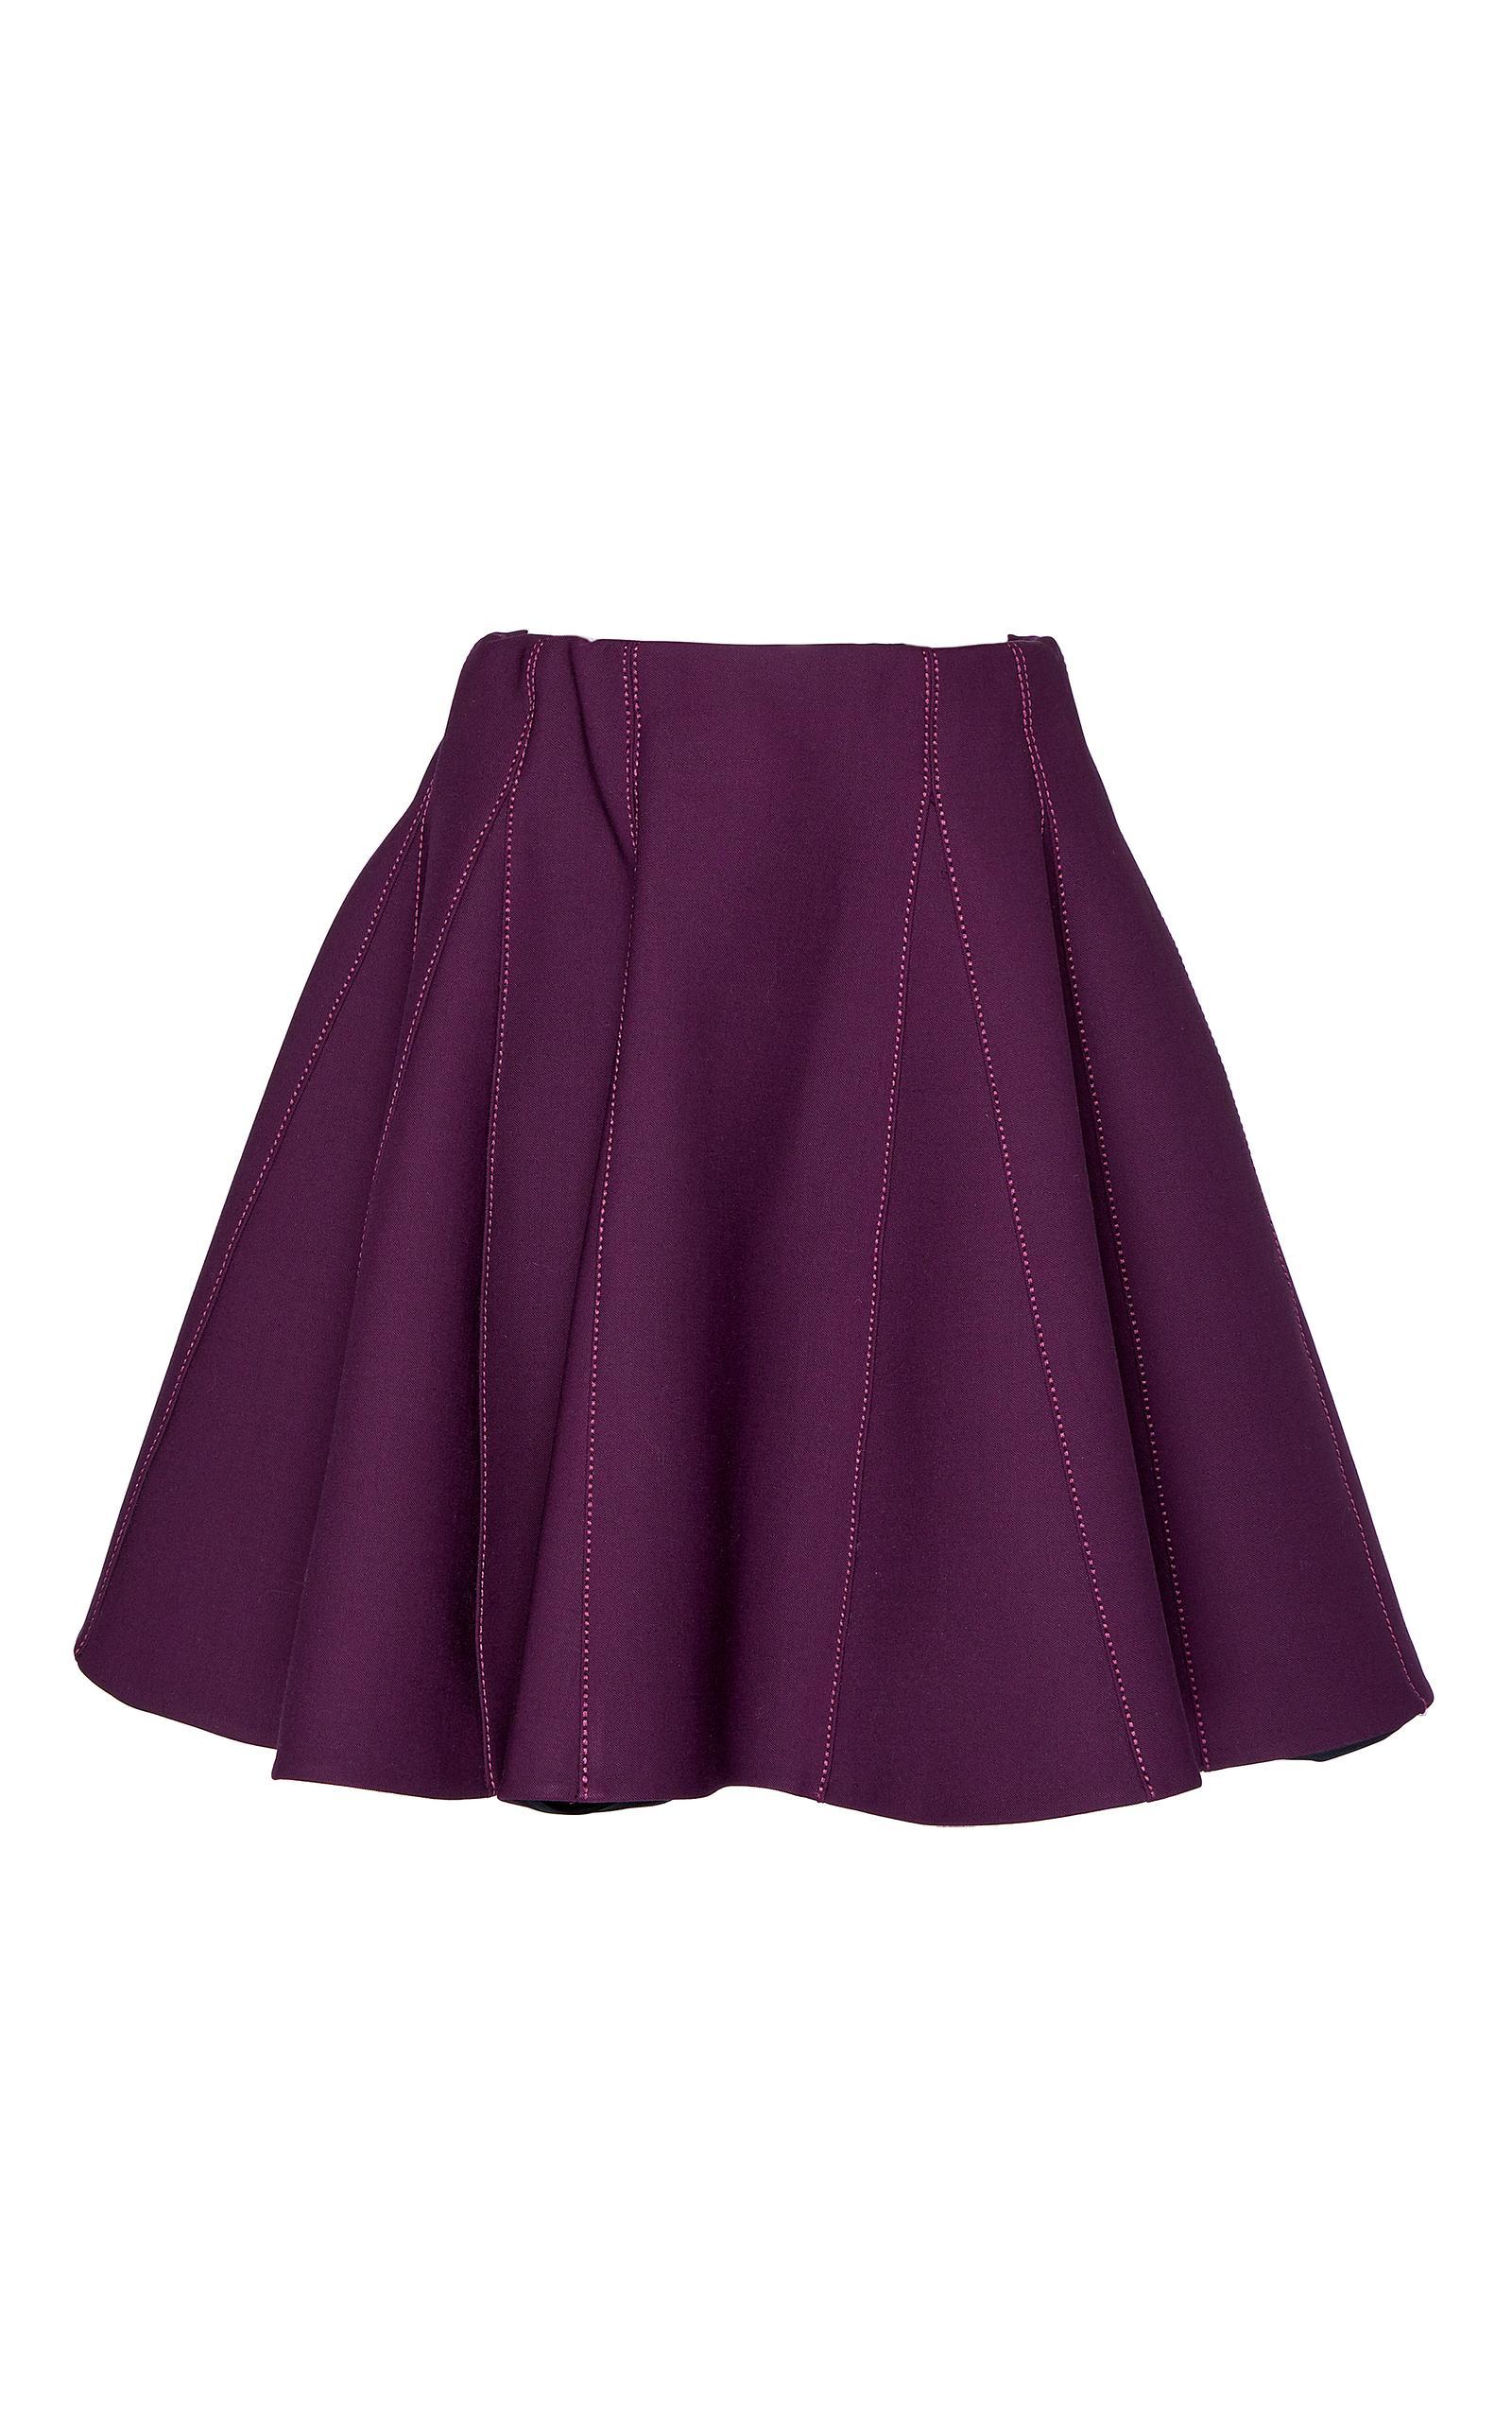 elie saab high waisted mini skirt in purple lyst